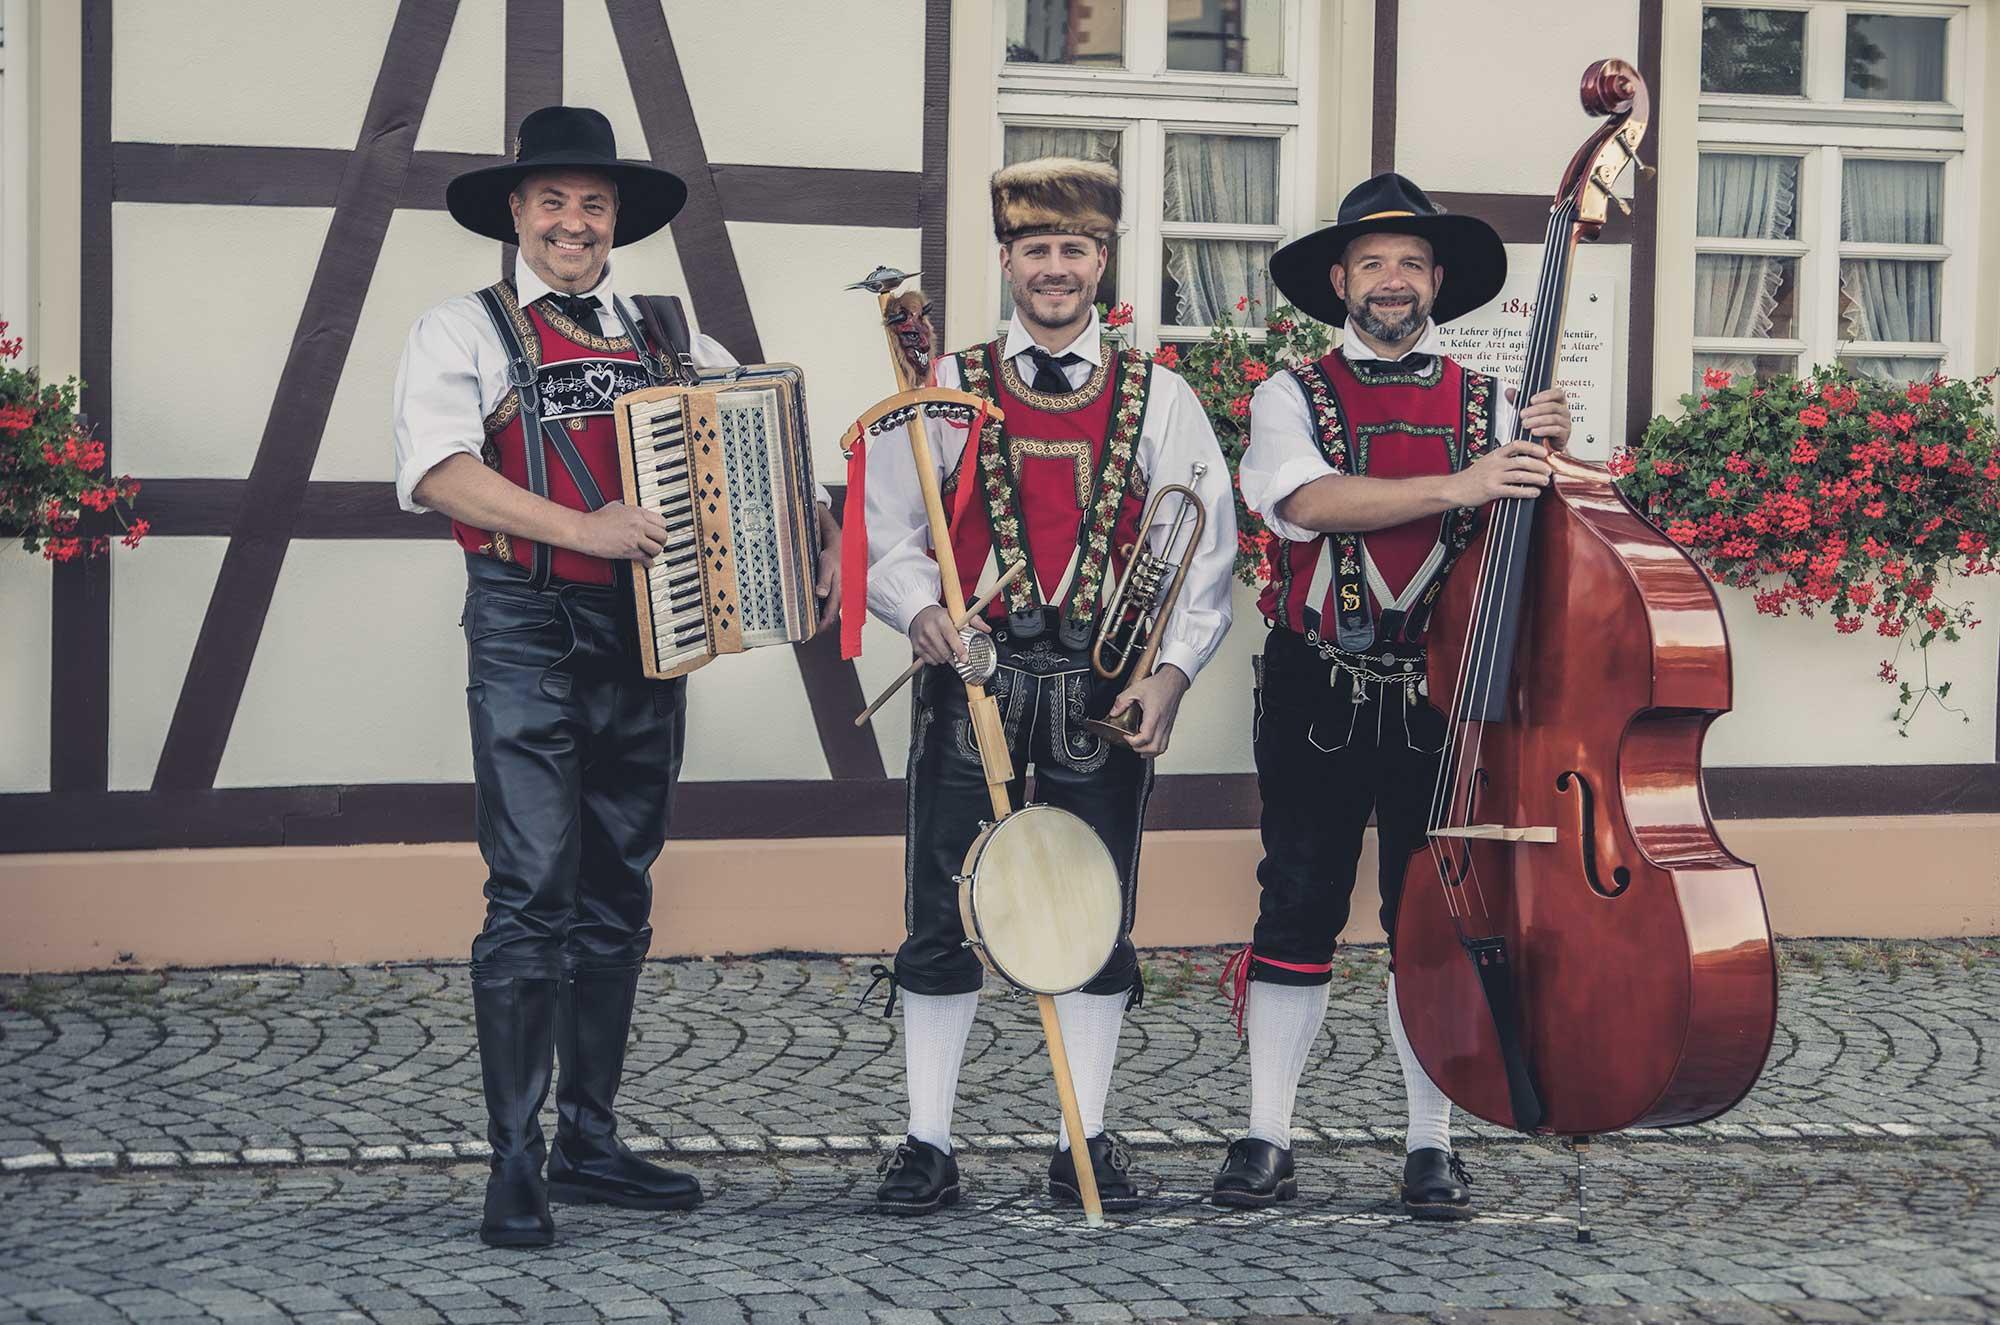 Owemaerk, Mudart, Alemannisch, Baden, Schwaben, Elsass, Ortenau, Schwarzwald, Black Forest, Dewutschland, Volksmusik, Traditionell